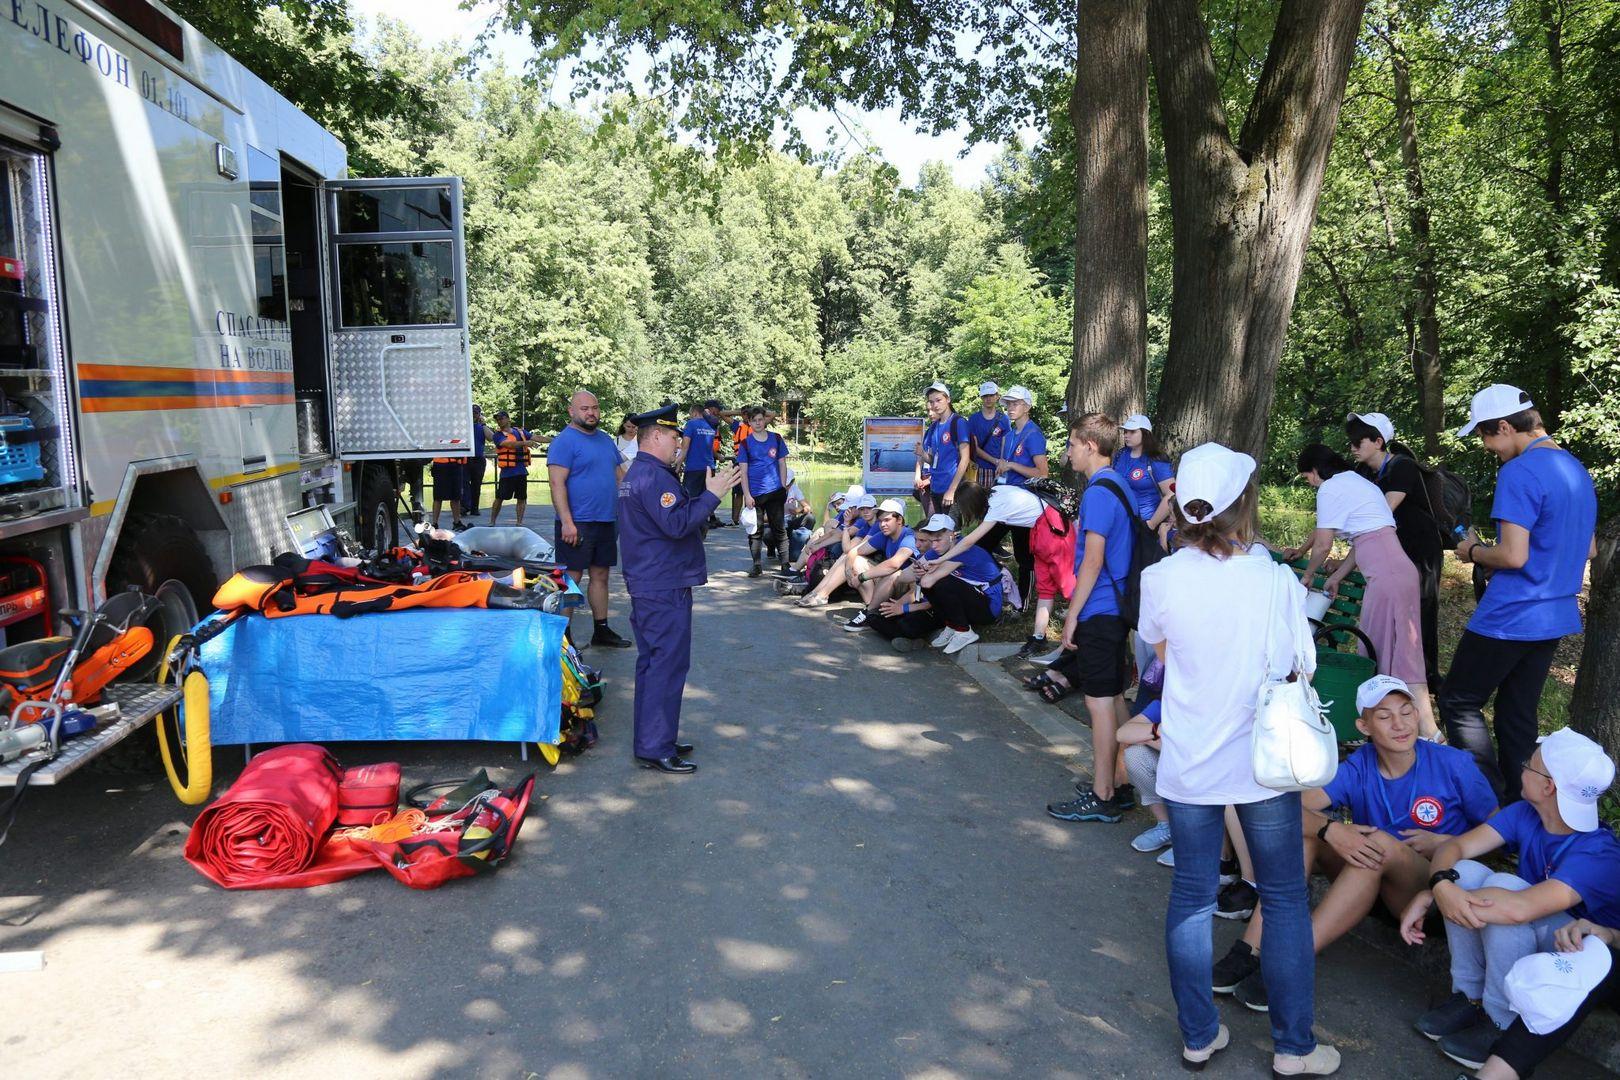 лето, каникулы, дети, Департамент гражданской обороны, спасатели